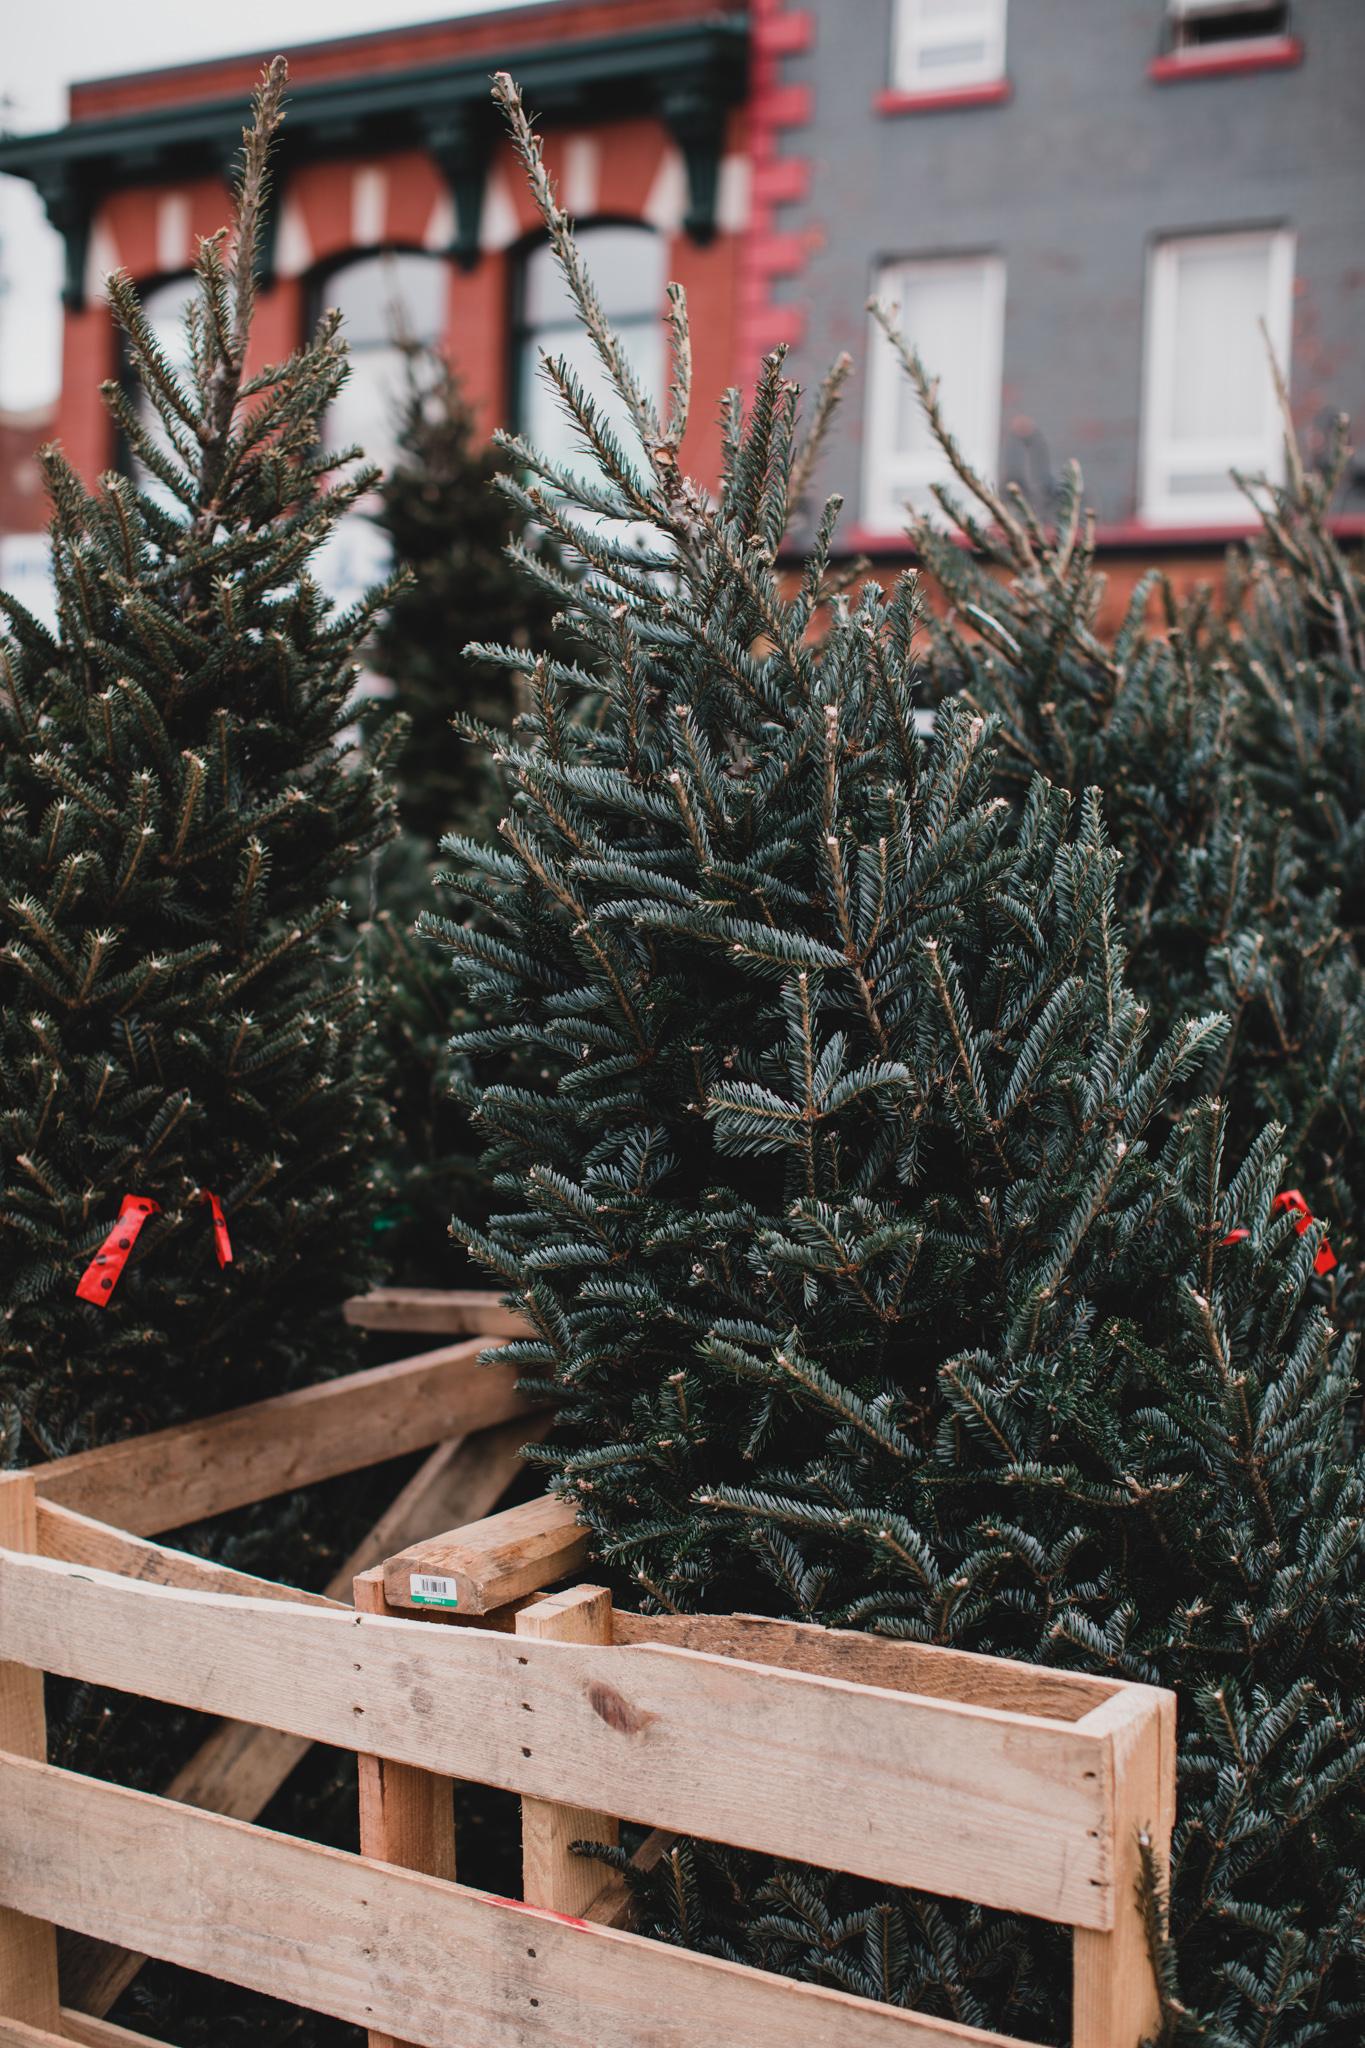 Byward Market Christmas tree